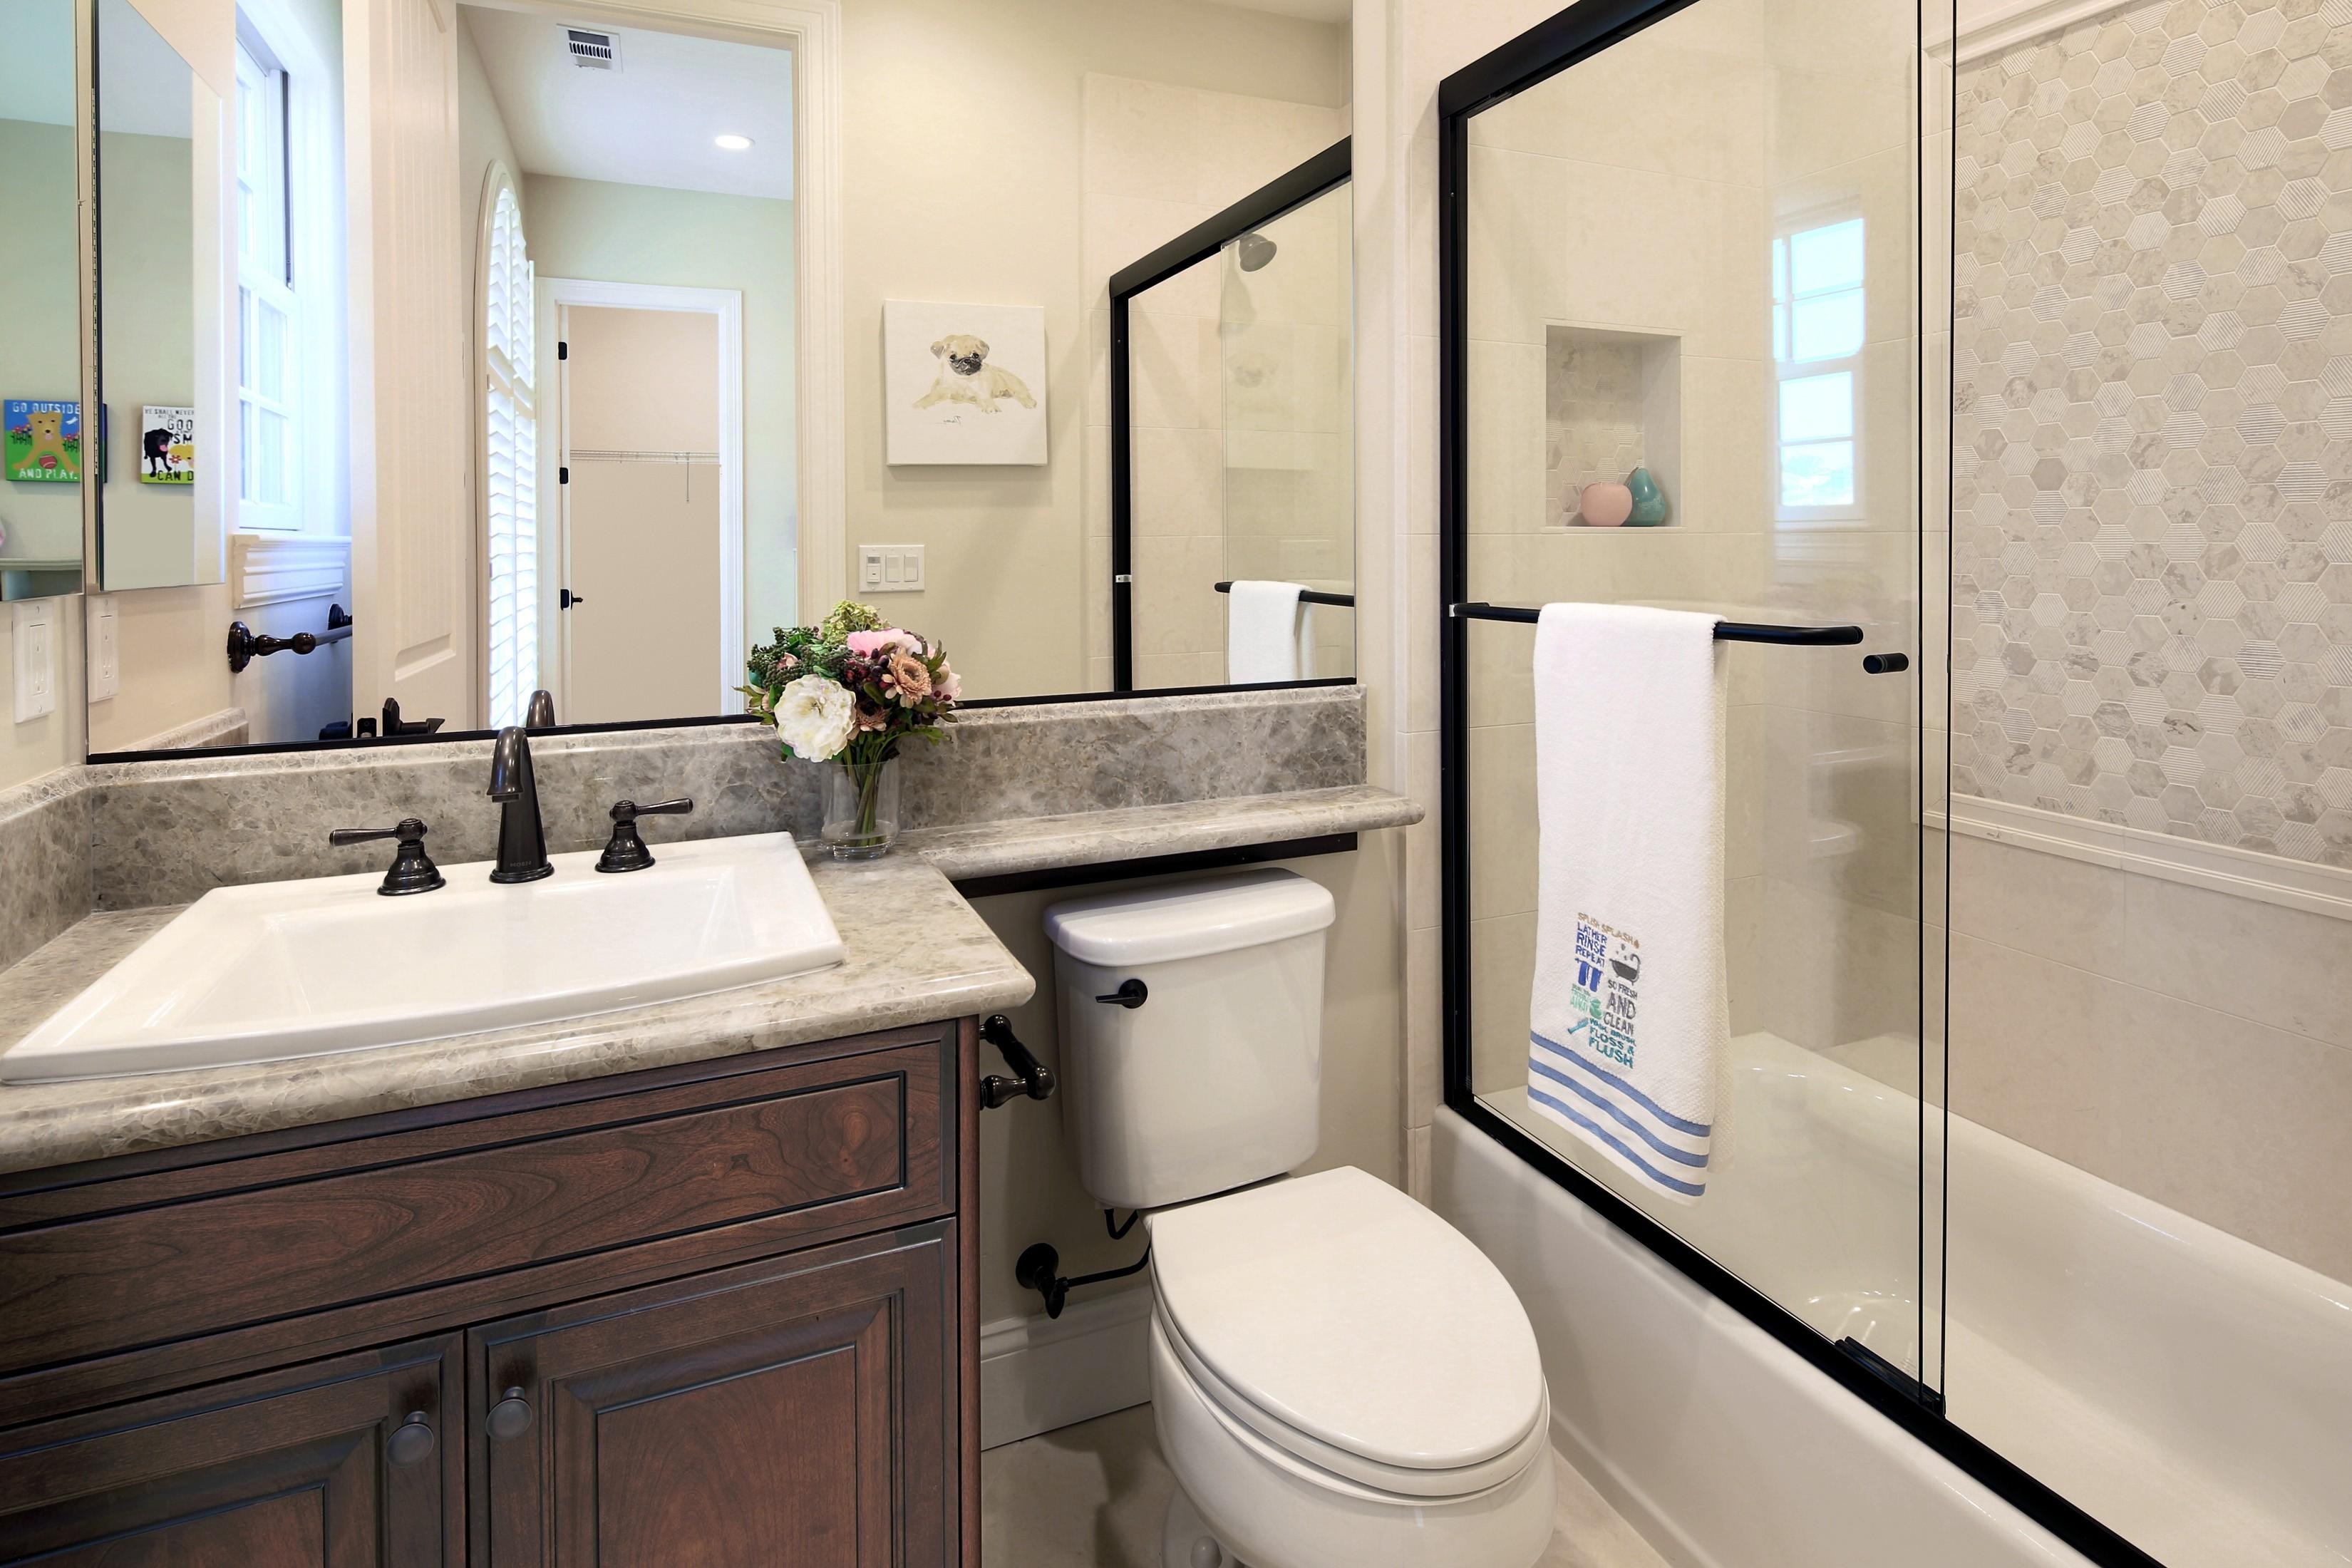 Shower room   Elite Builder Services